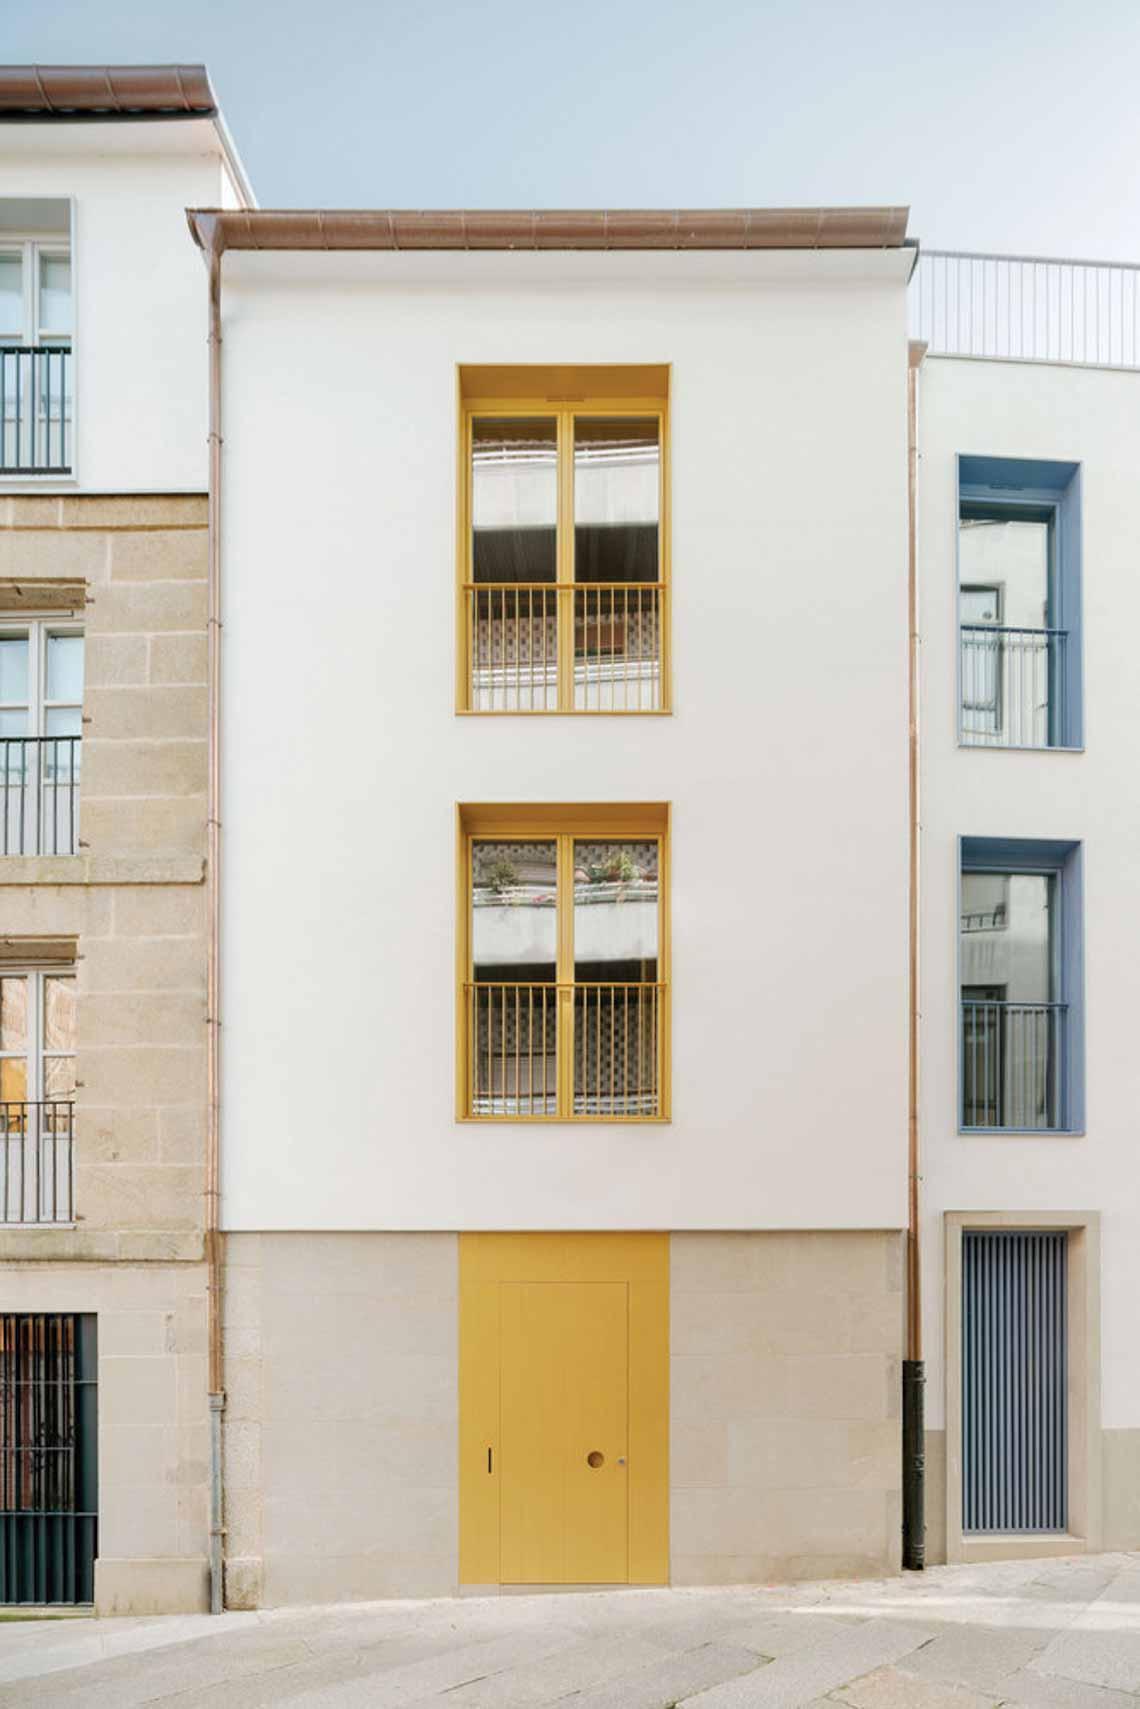 Màu của năm 2021 Pantone: Vàng và xám trong kiến trúc - 44